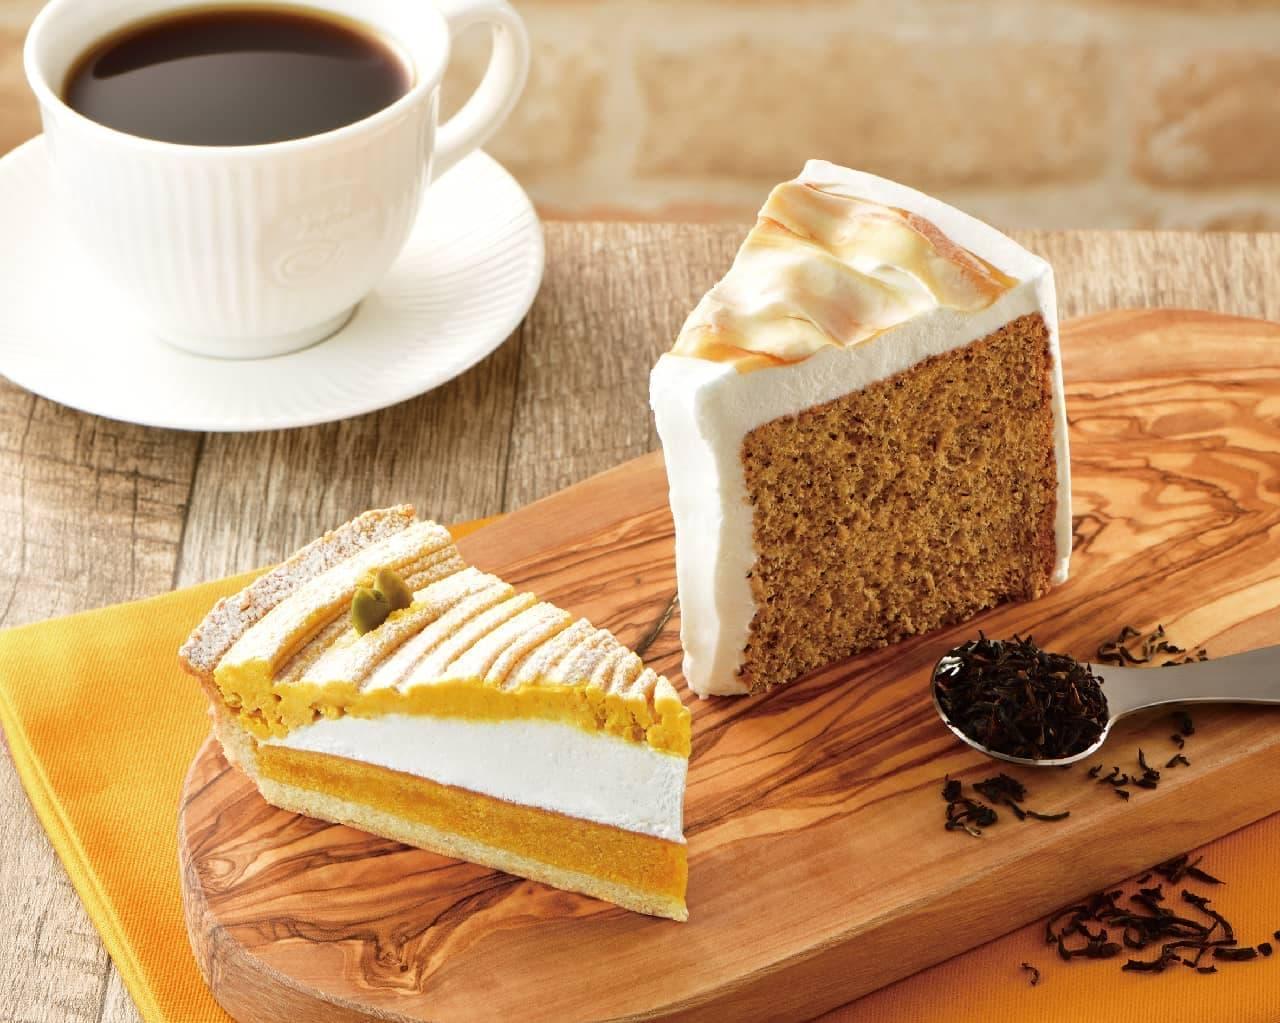 カフェ・ド・クリエに「かぼちゃのタルト」「紅茶のシフォンケーキ」